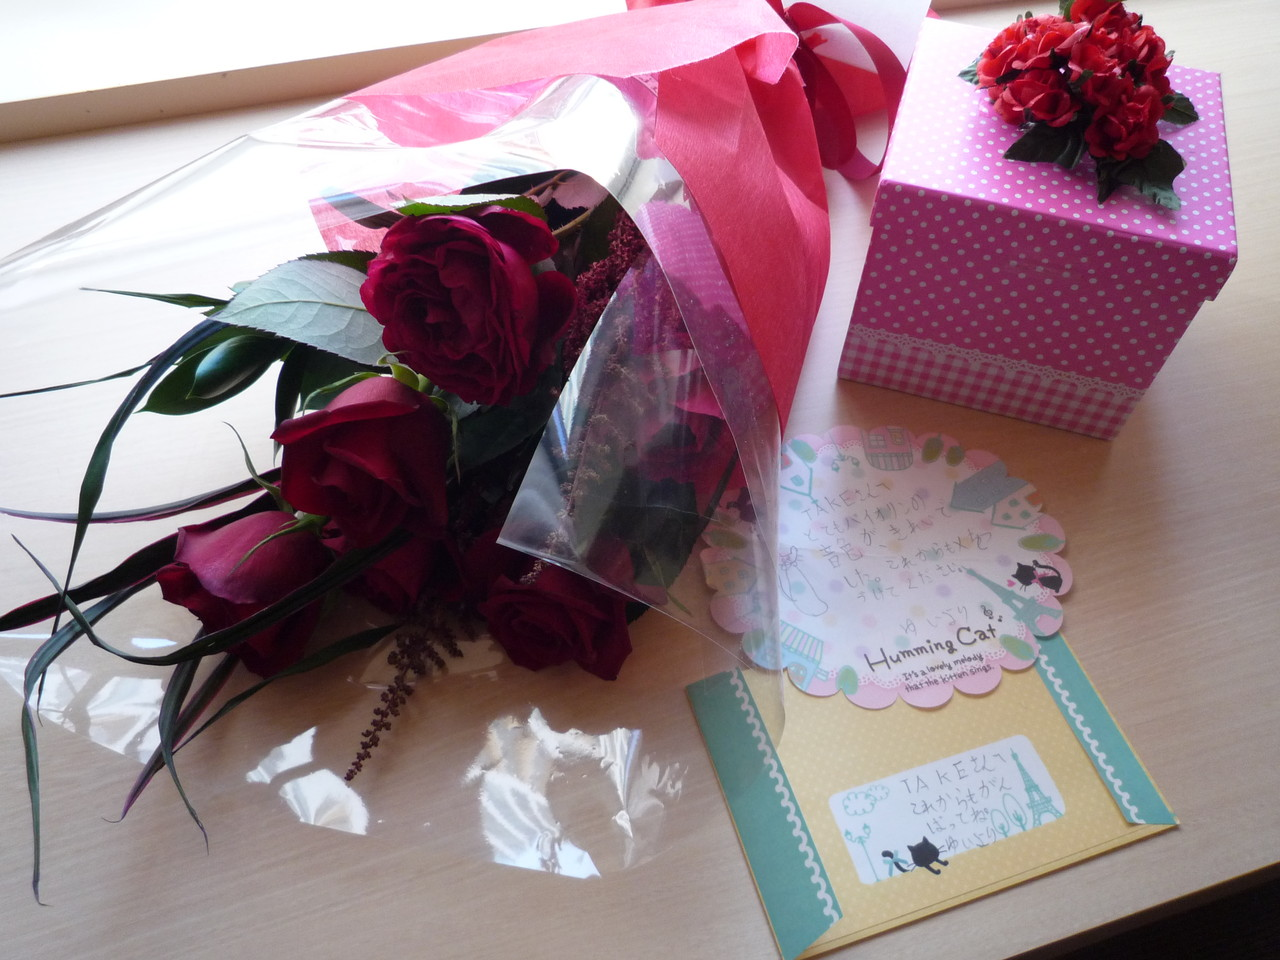 ブヒ子さん、ひかりさん、ゆいちゃん、心温まる素敵なプレゼントありがとうございました。